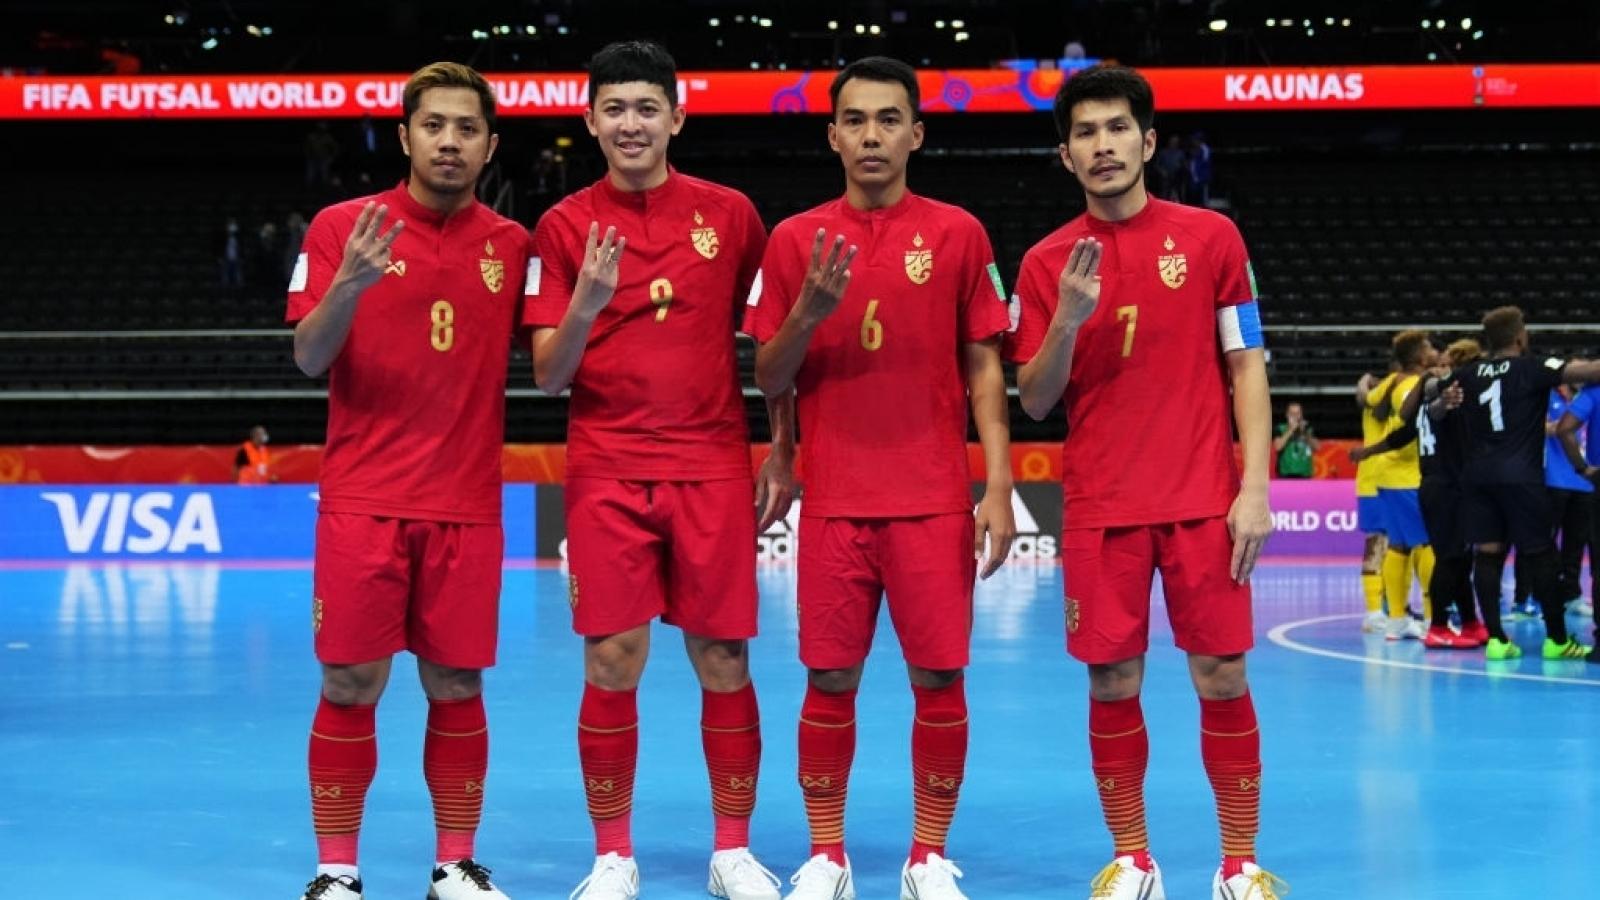 Thái Lan vào vòng 1/8 Futsal World Cup 2021 sau trận đại thắng Quần đảo Solomon